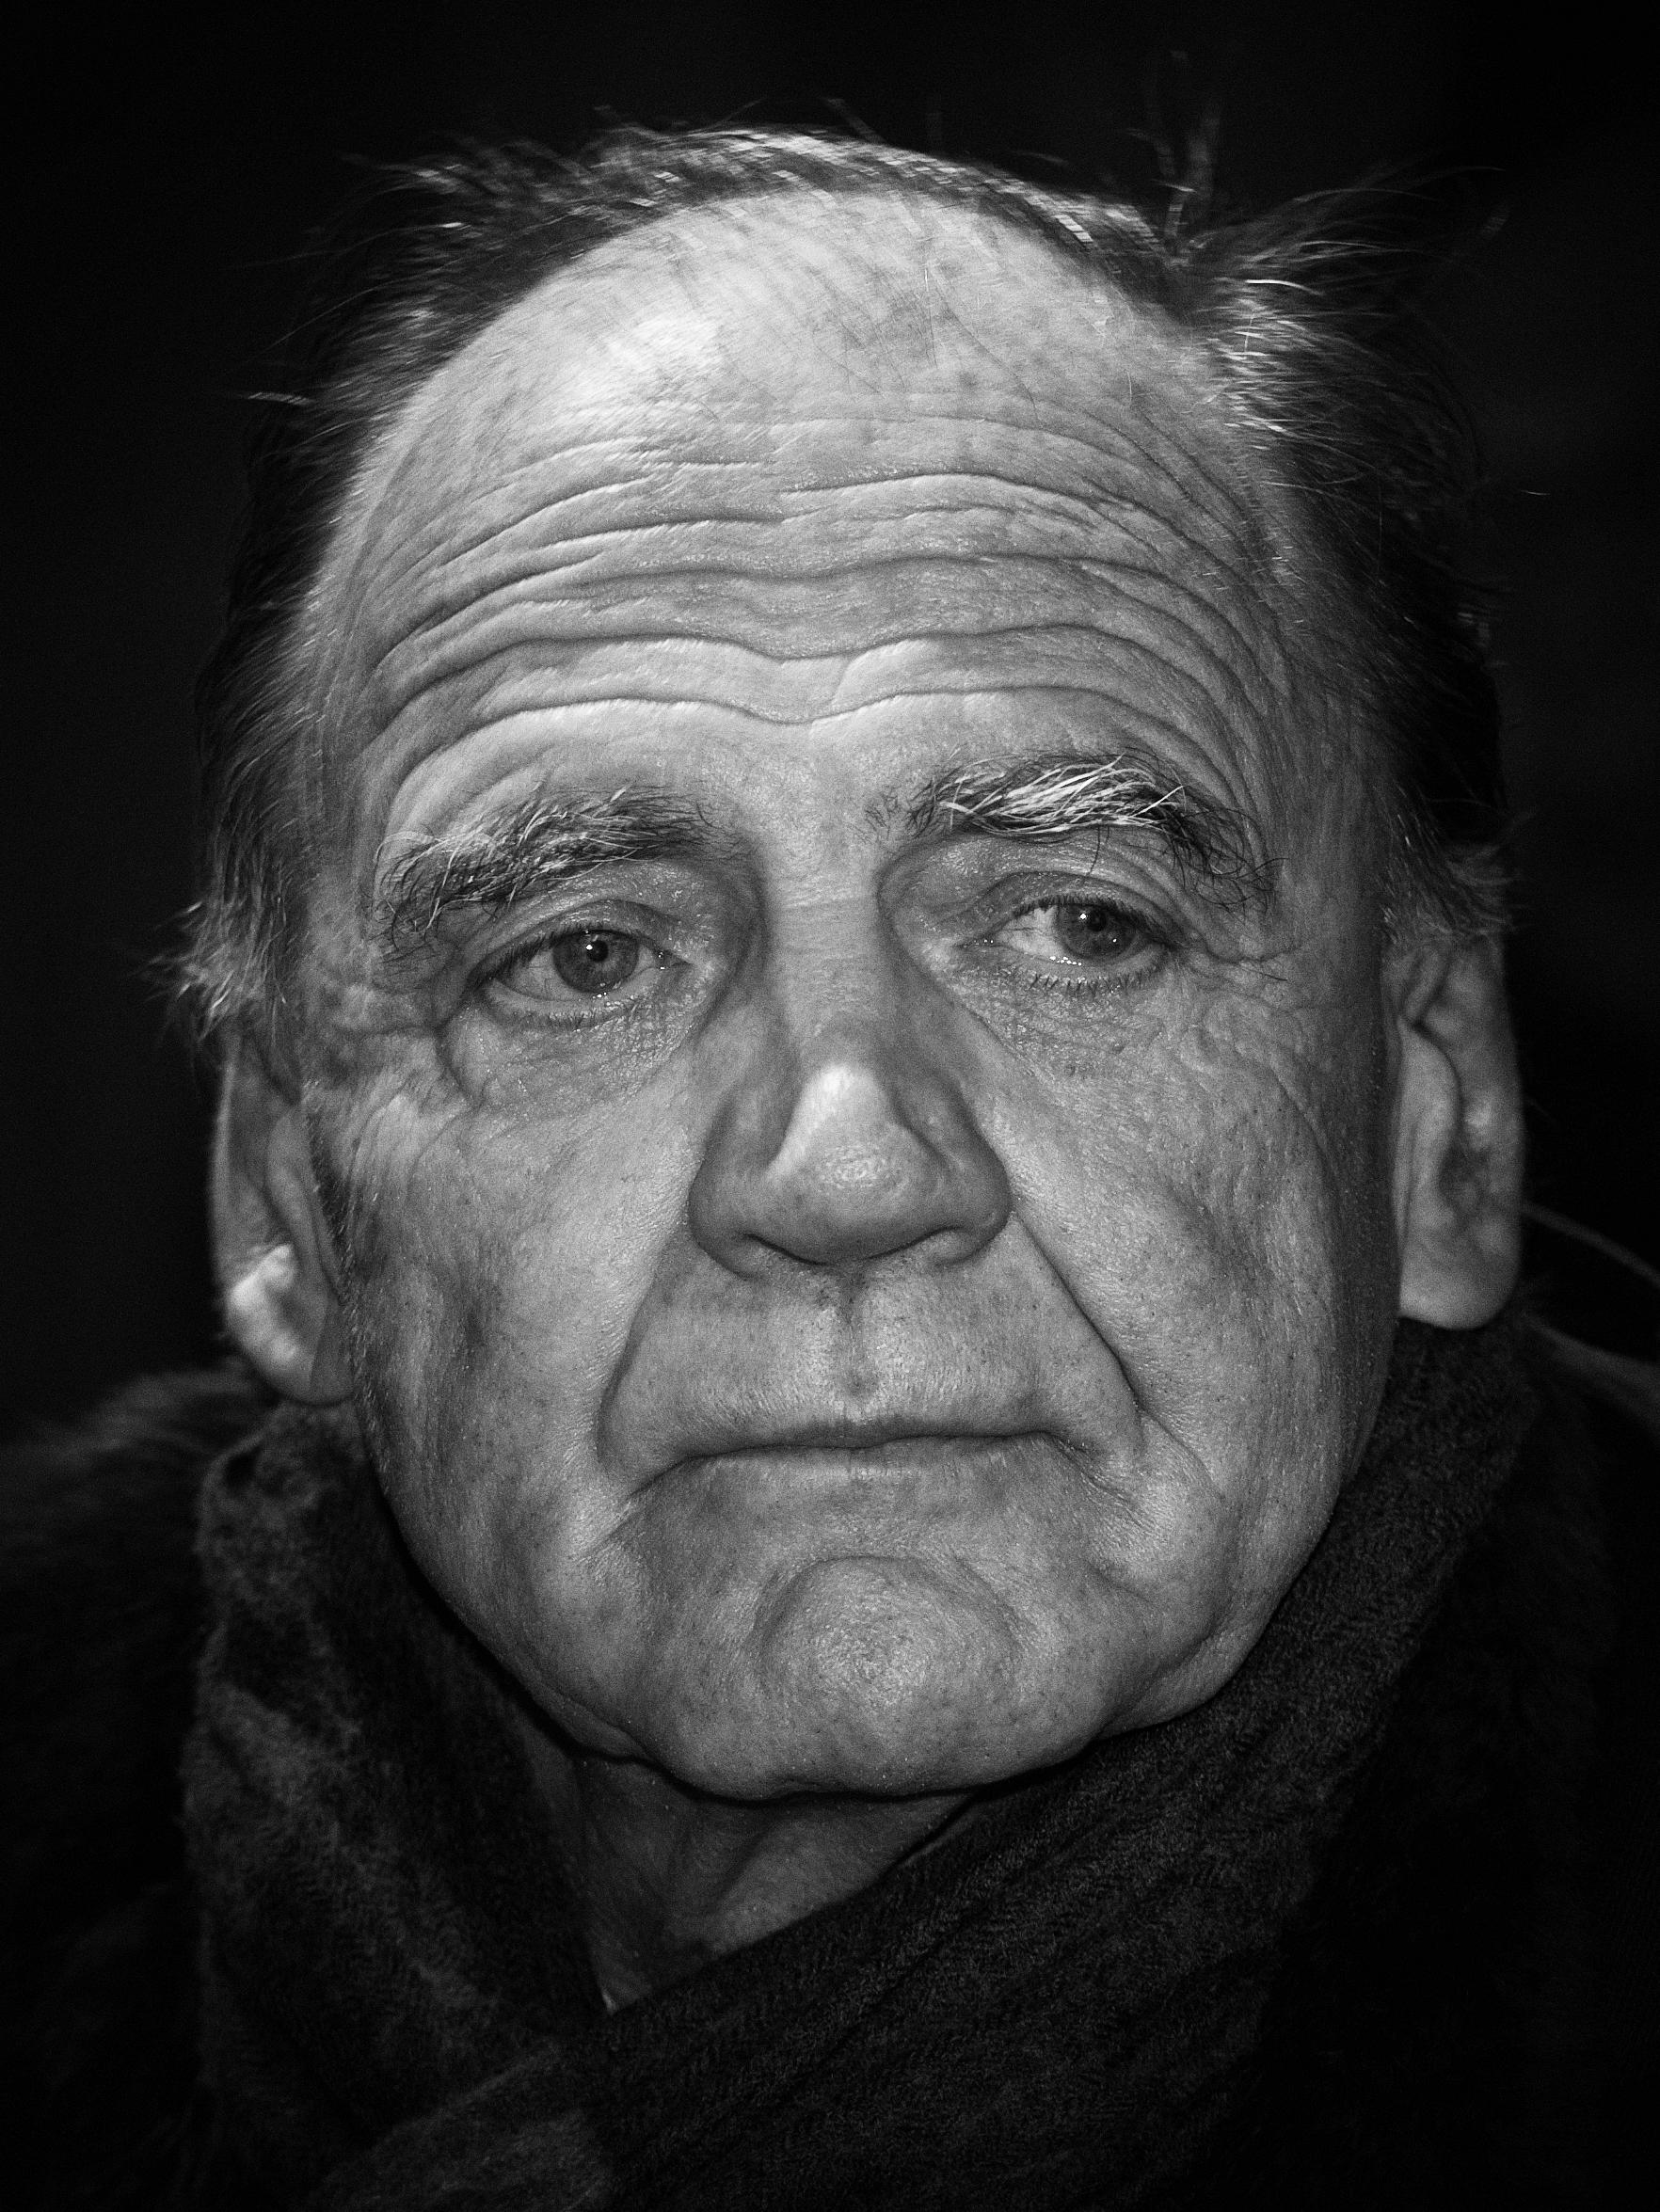 Bruno Ganz